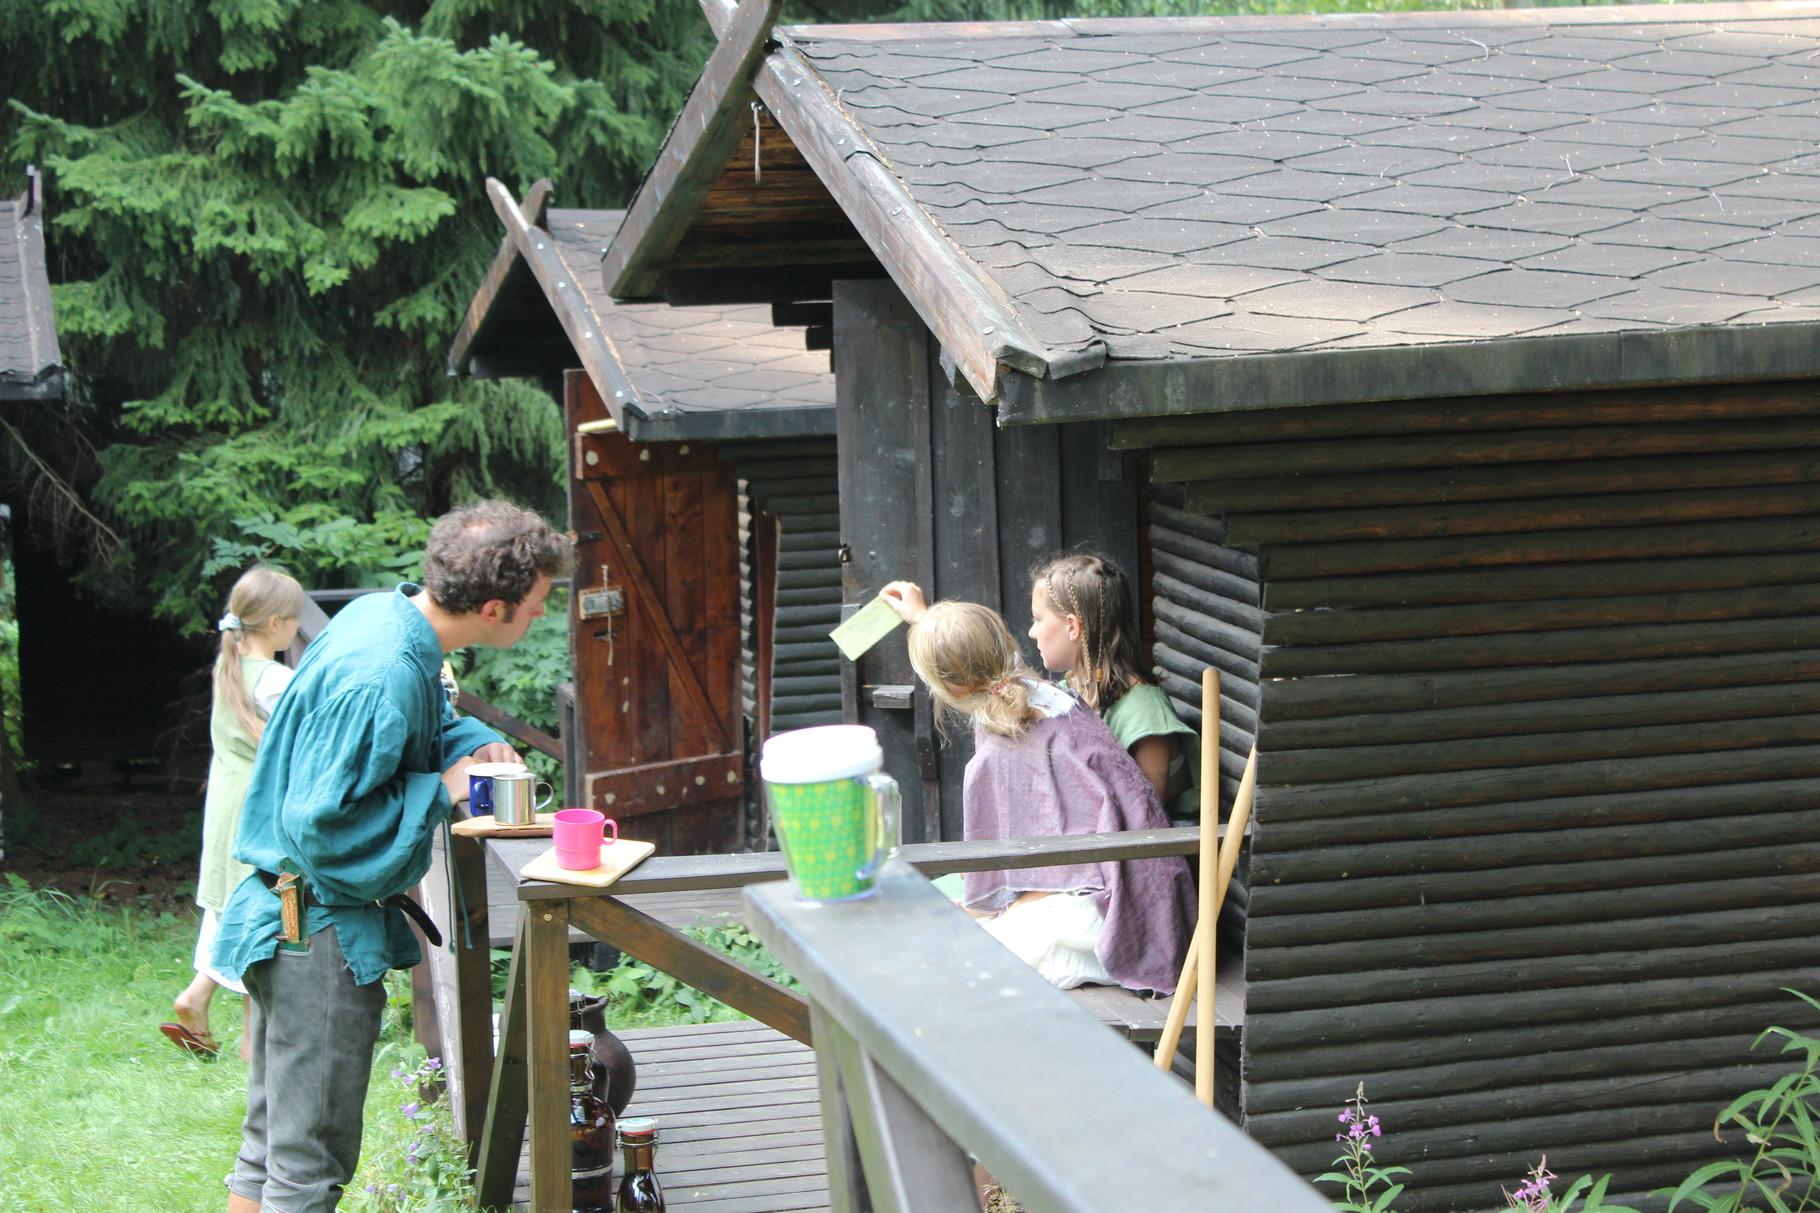 Ein Brief taucht im Dorf auf, adressiert an Christine Wolf.